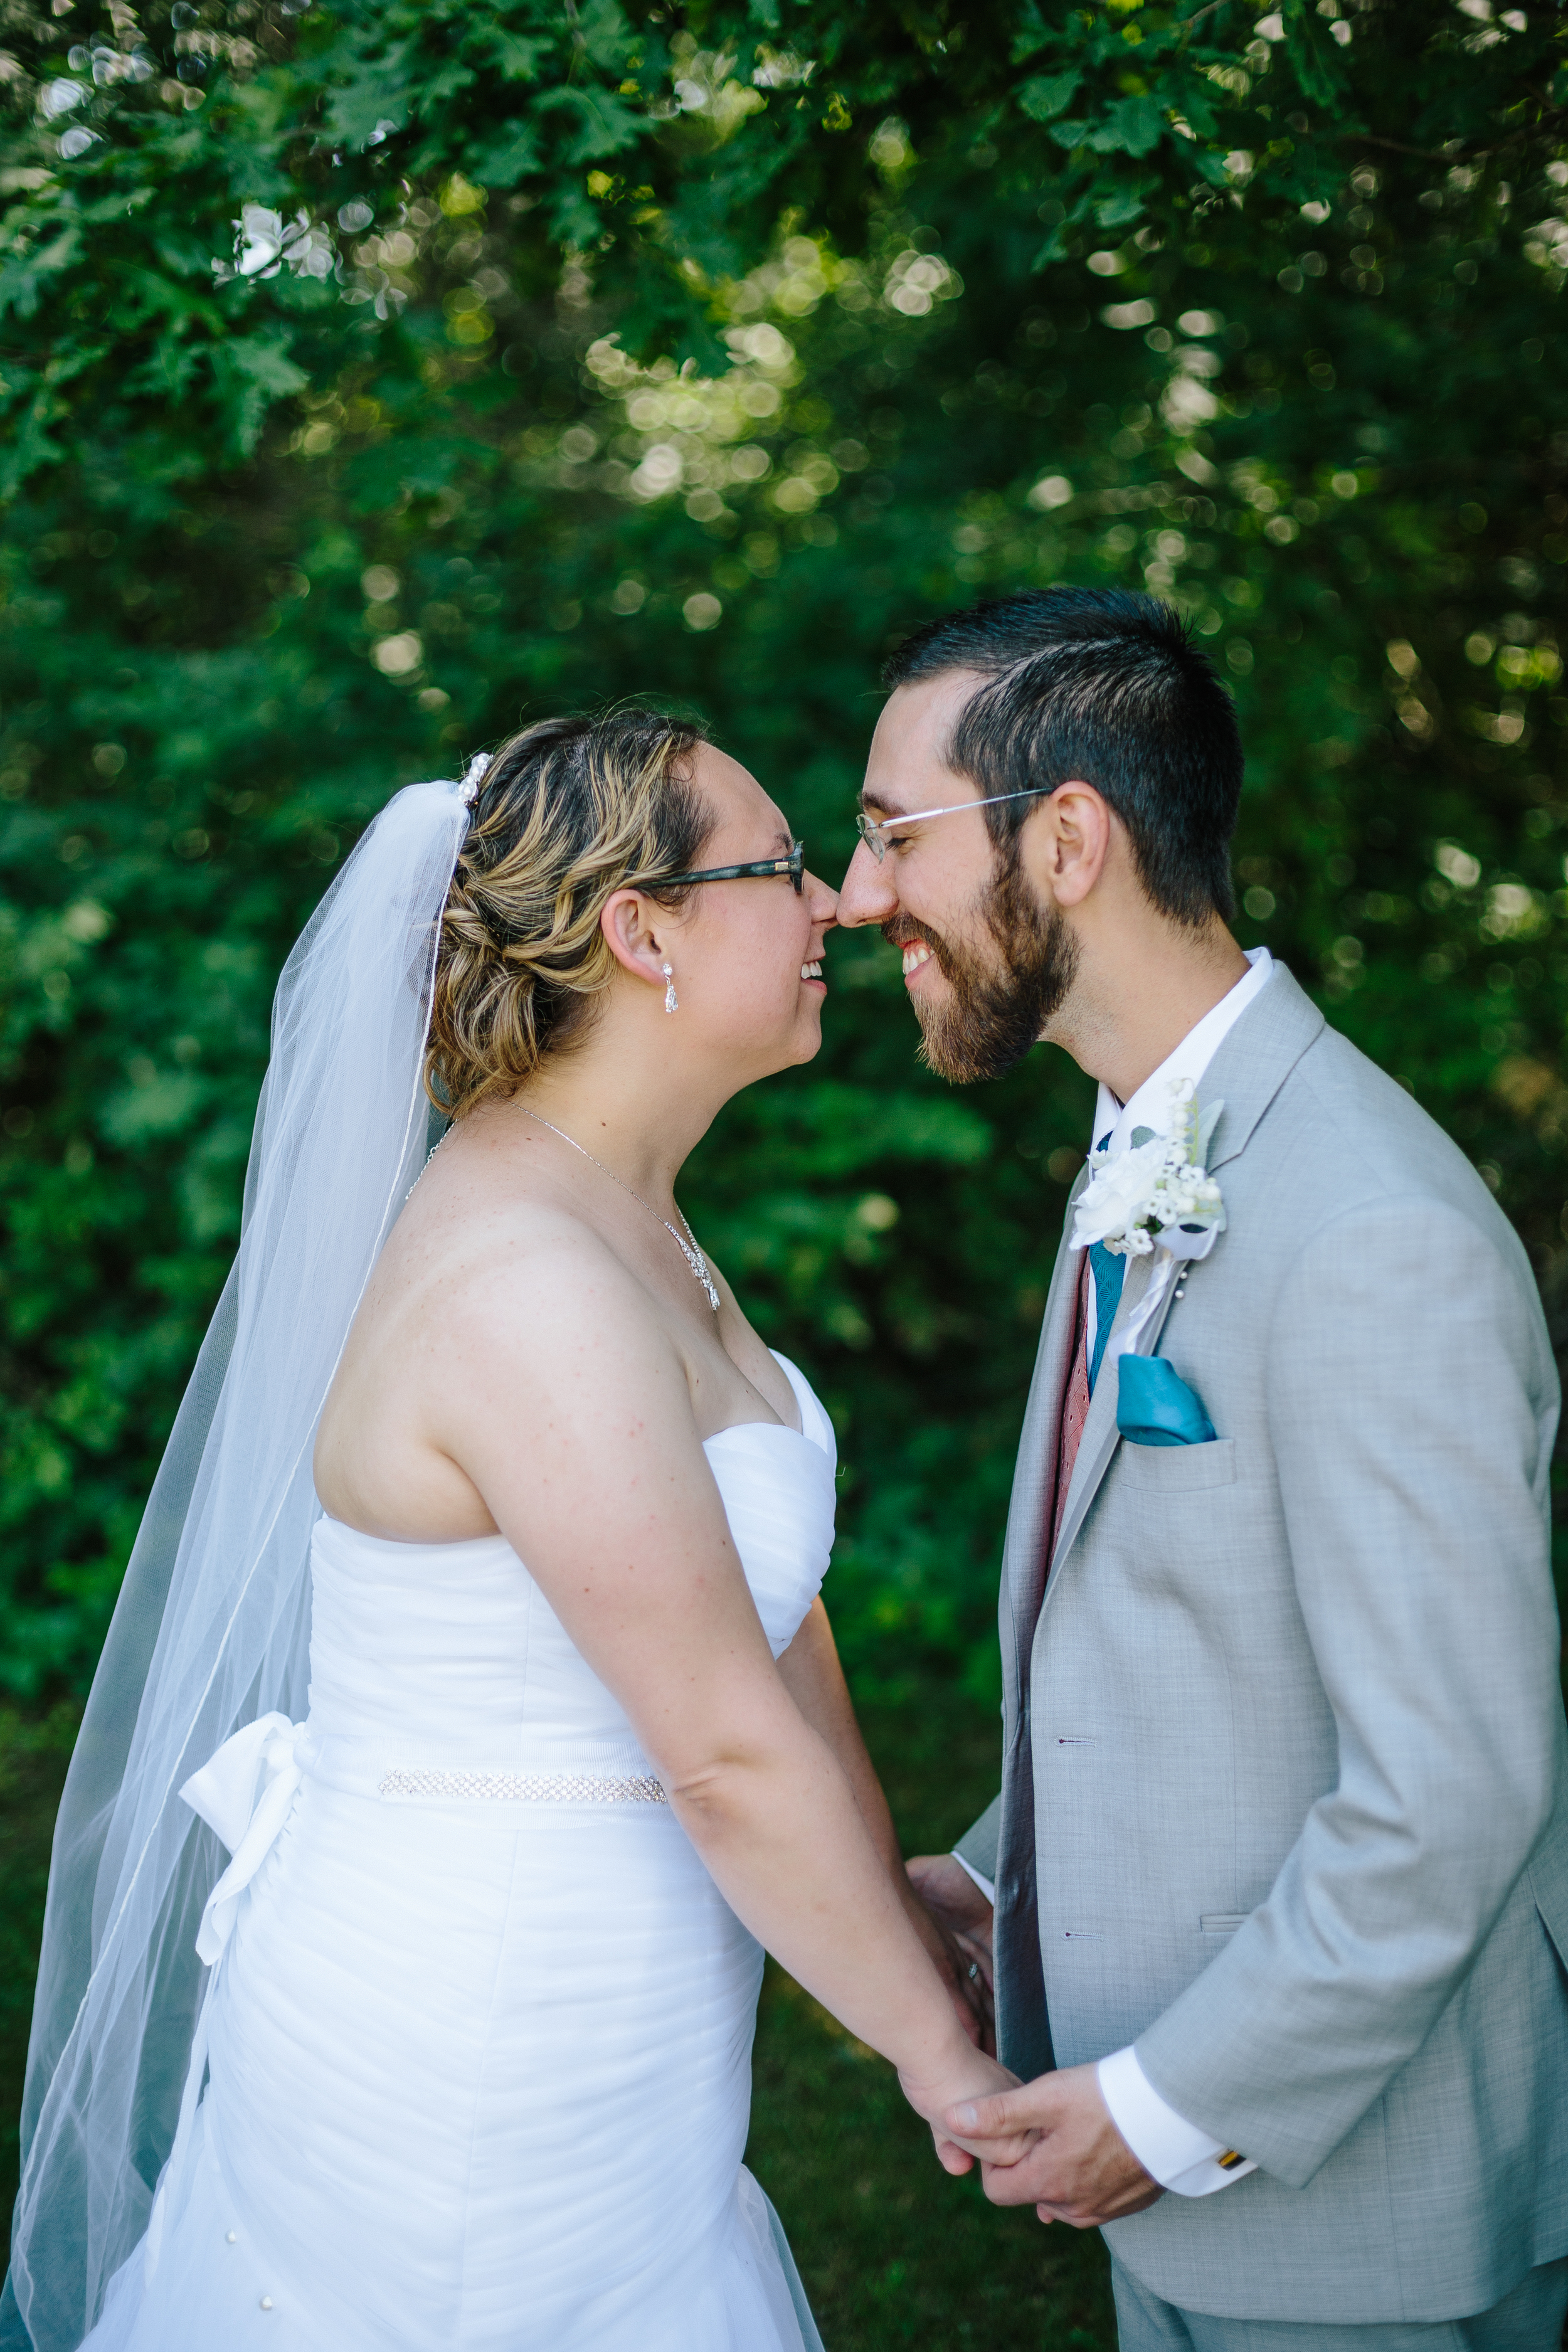 Peter & Rachel Married - South Bend, Indiana-376.jpg